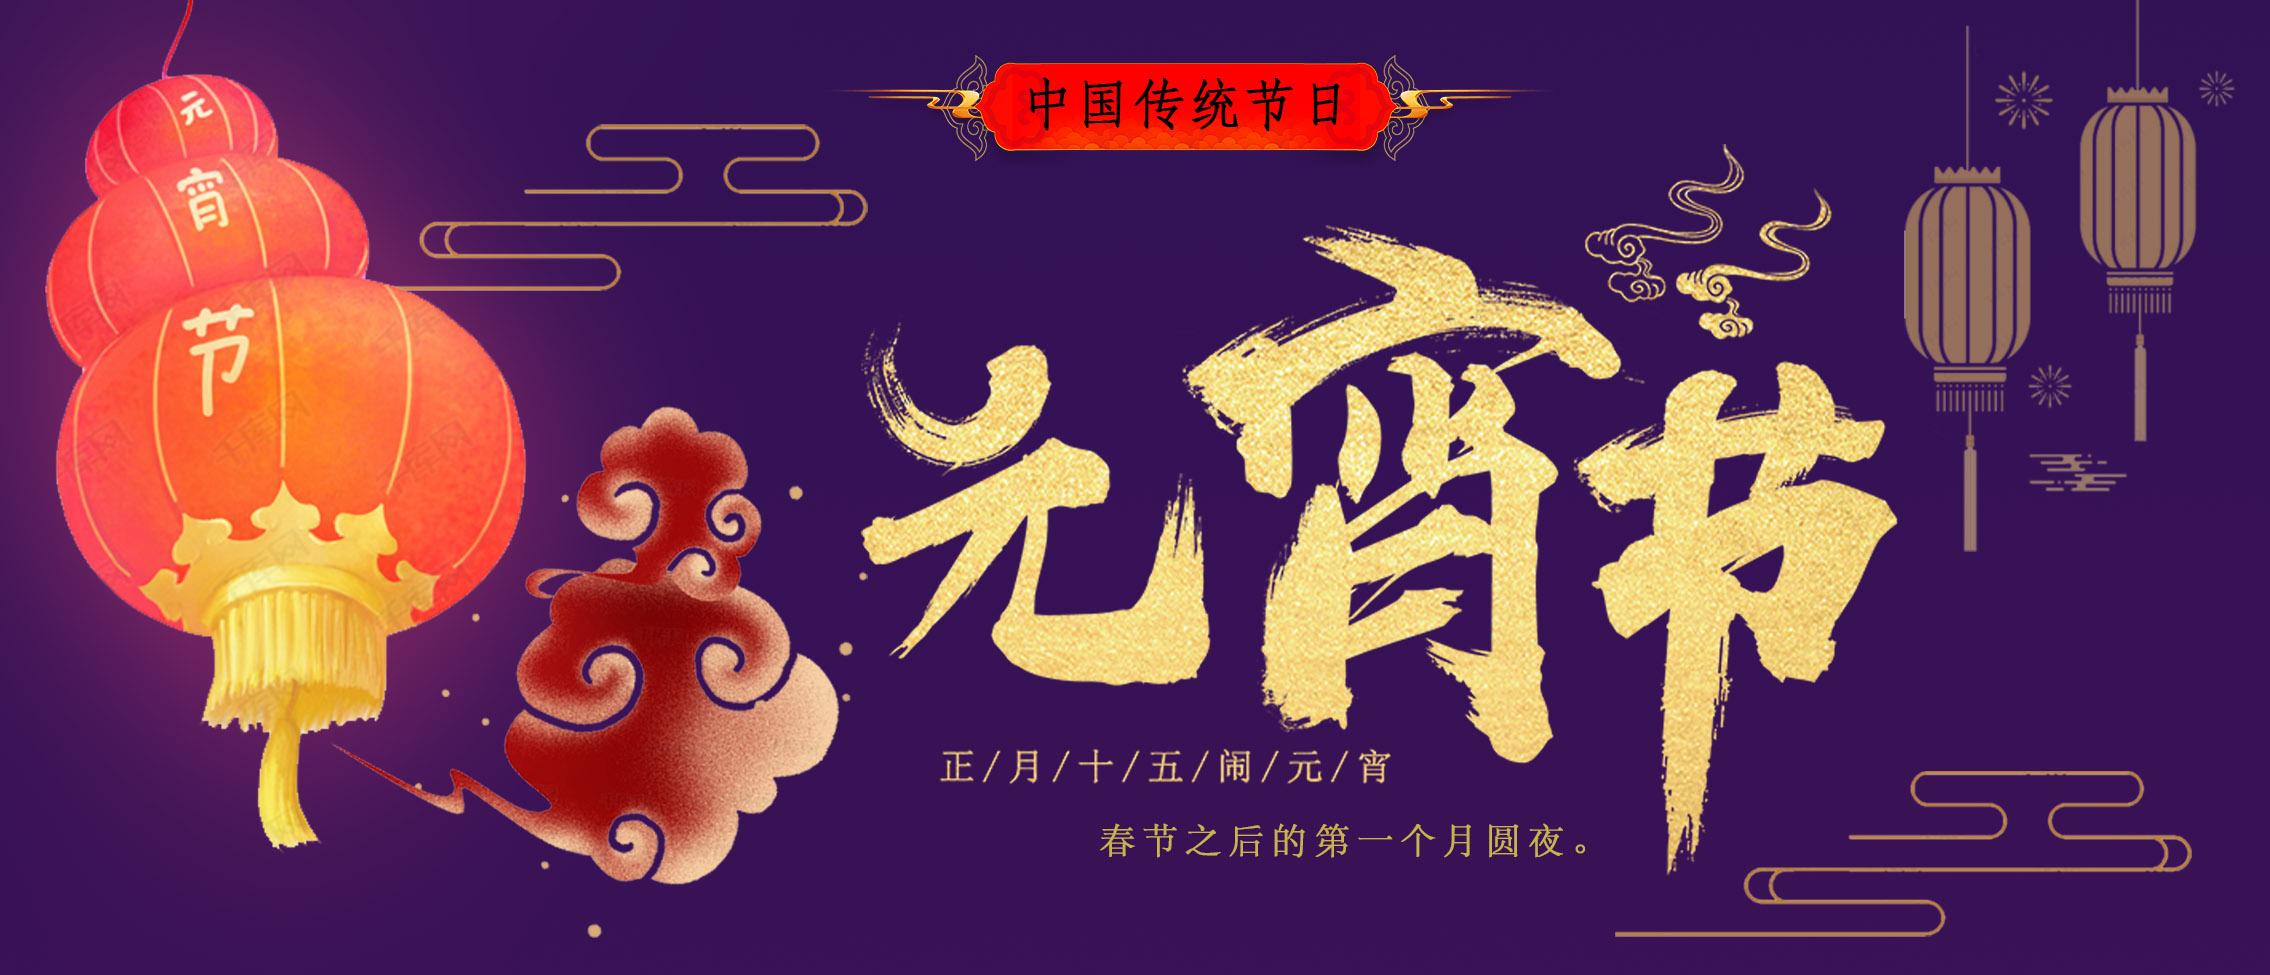 中国传统节日 | 元宵节